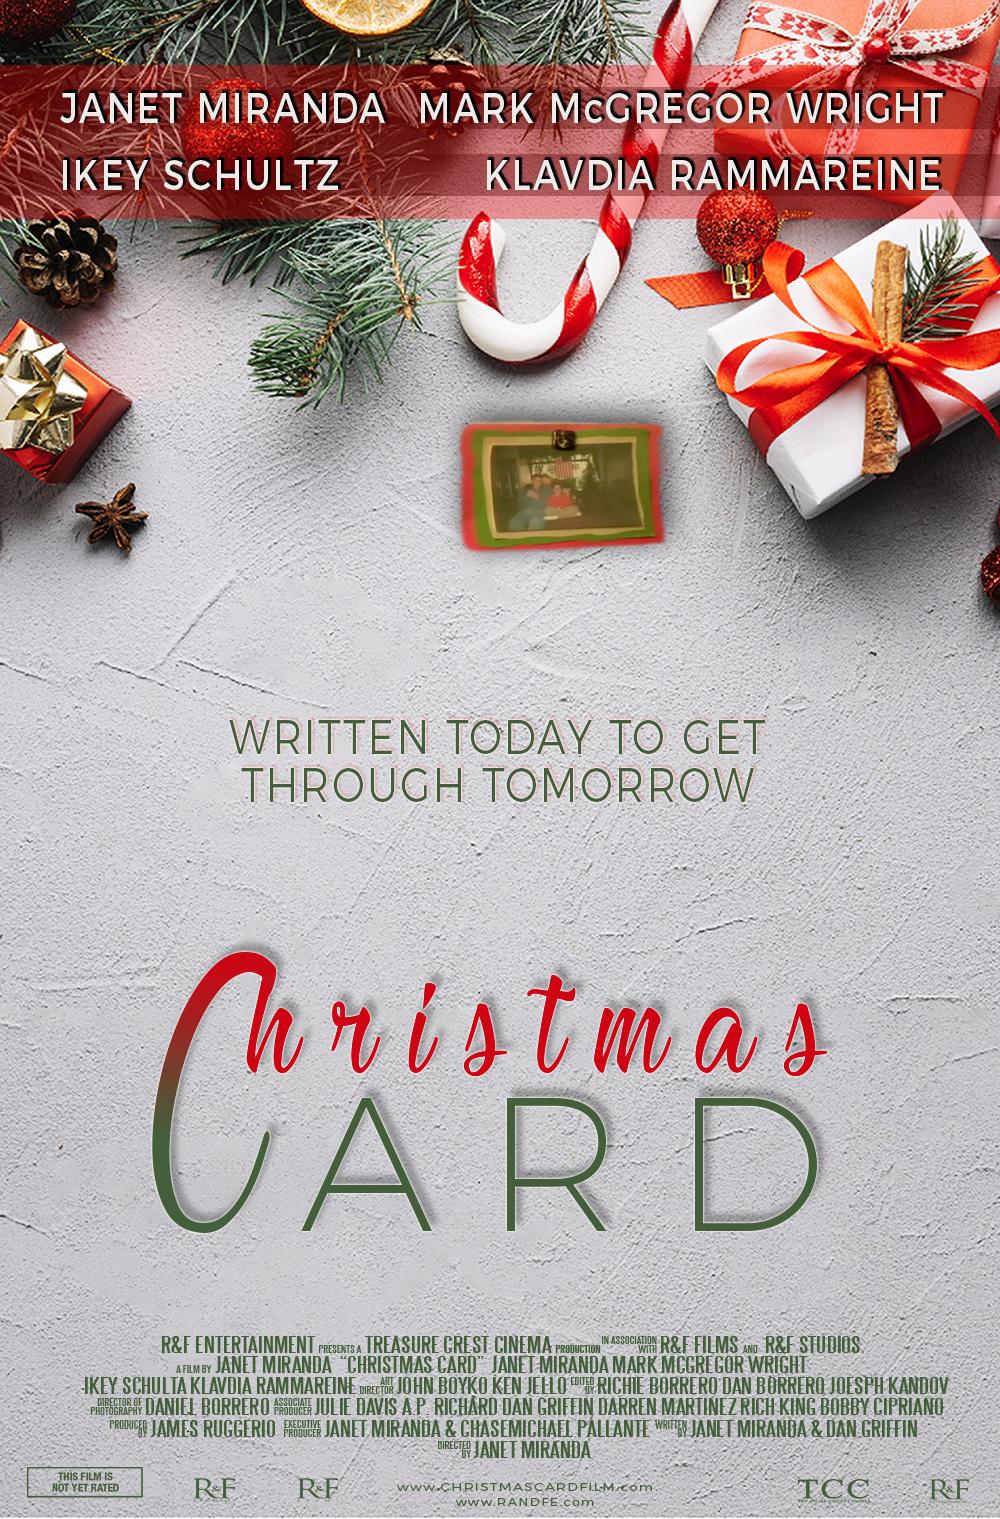 Christmas Card (2018) - IMDb